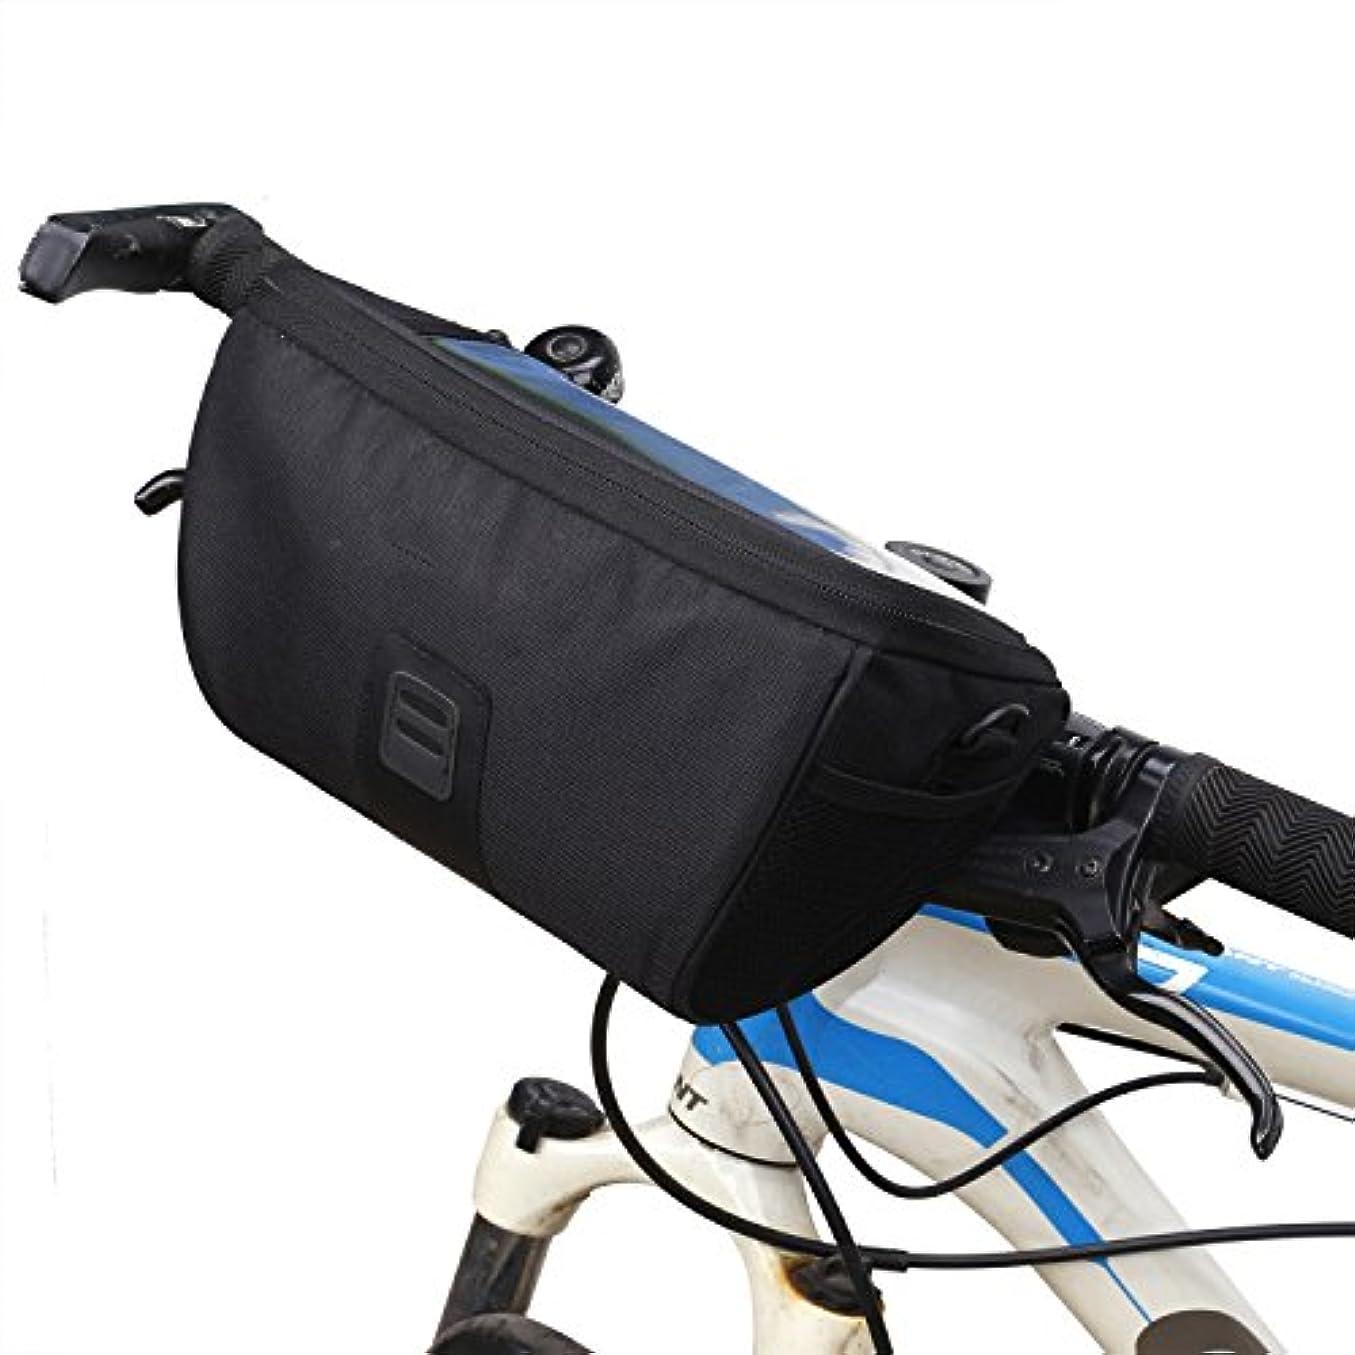 コンパクトサイクロプスまばたき自転車バッグ 自転車MTBハンドルバッグ、防水マウンテンバイクポーチ多機能バイクバッグ、取り外し可能なストラップと大人と子供のための防水カバー